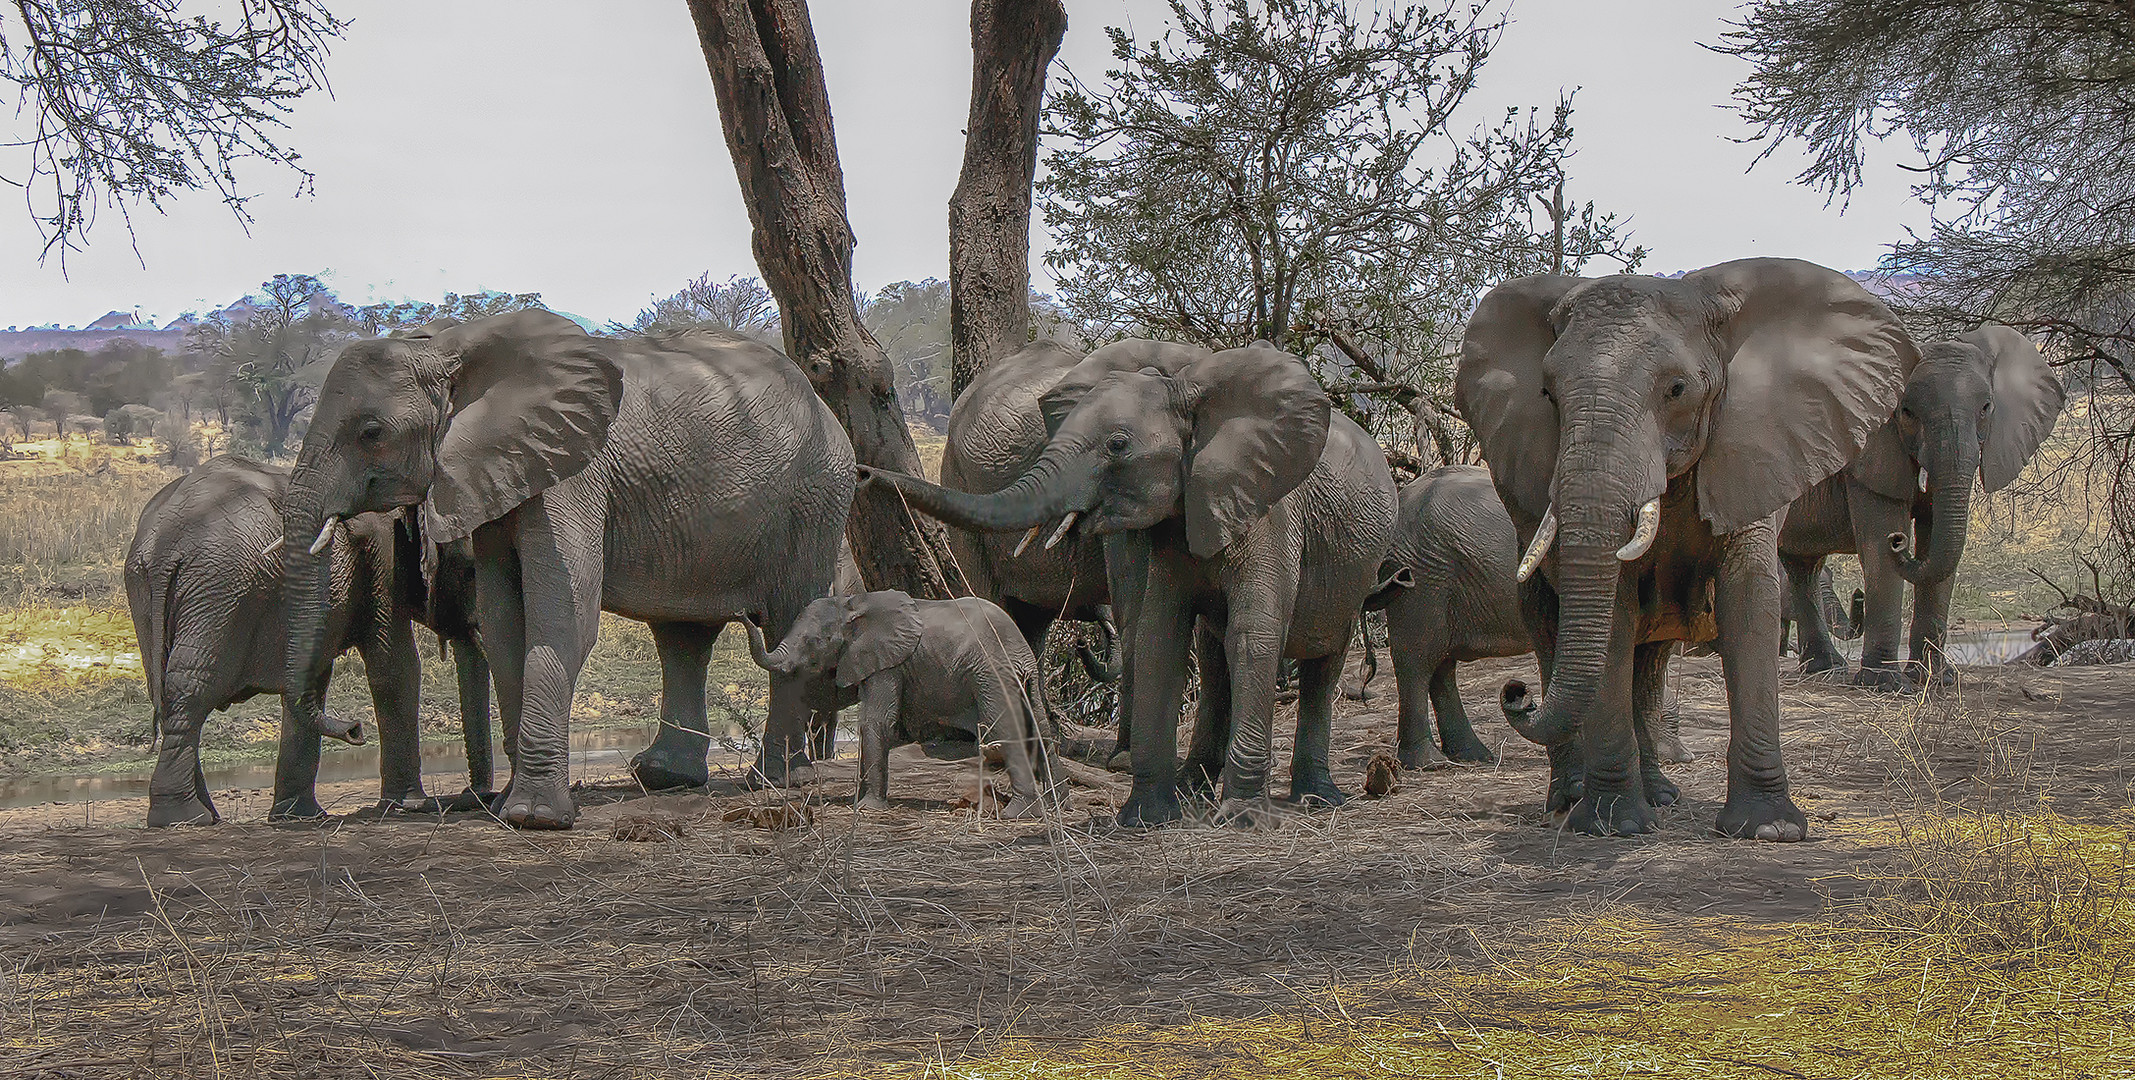 Elefantenwald